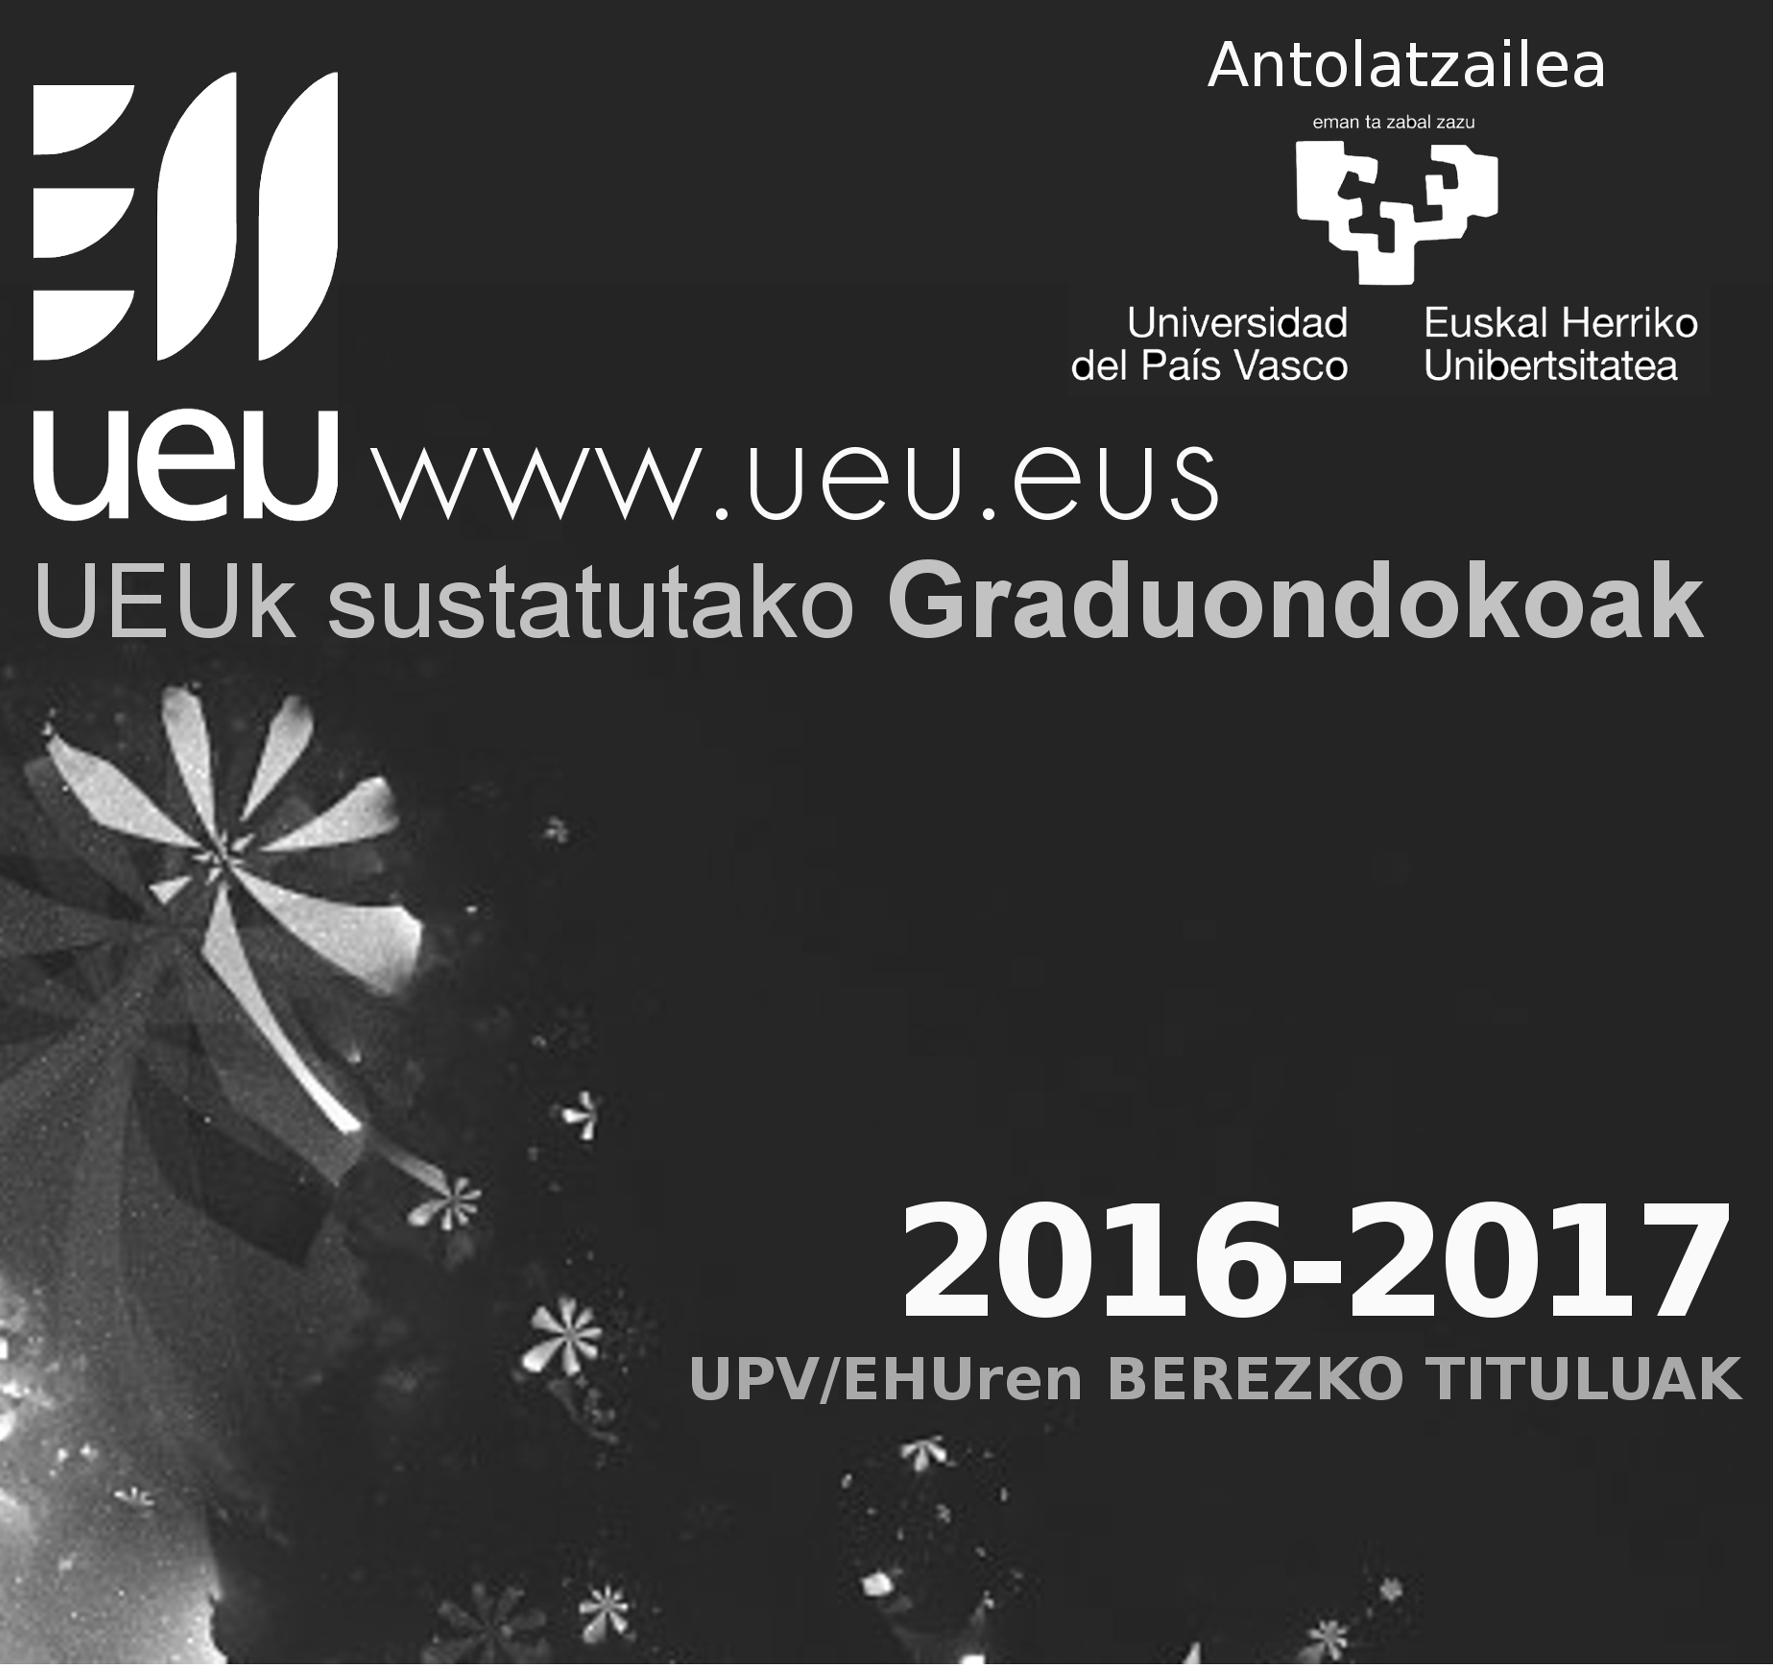 UEUk bost Berezko Titulu sustatuko ditu UPV/EHUn